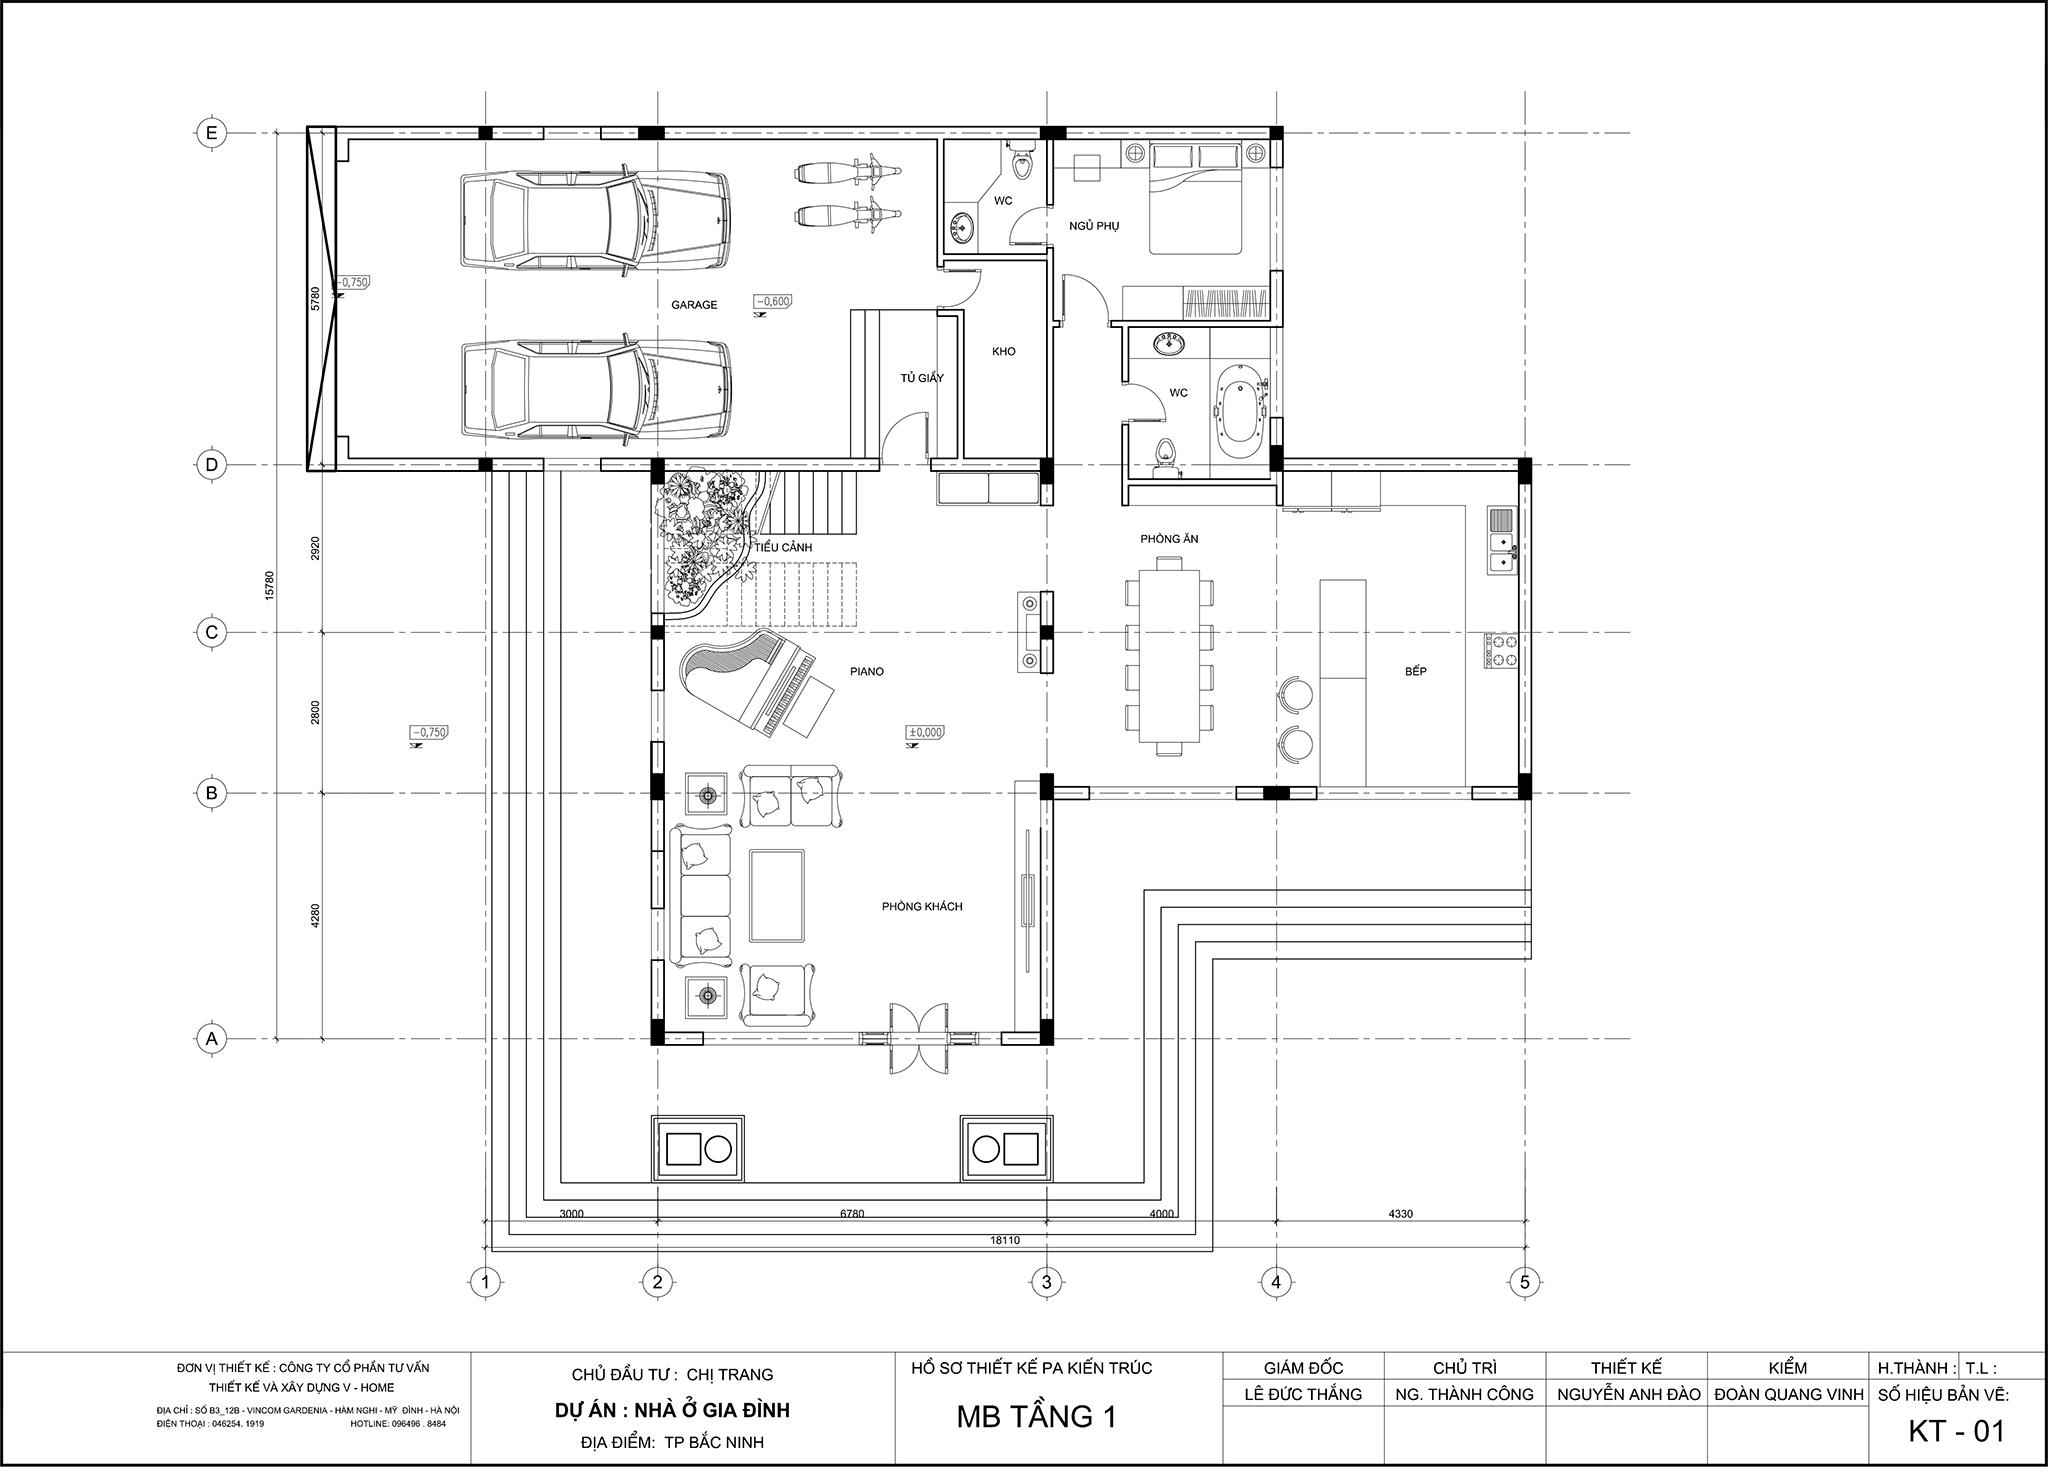 thiet-ke-biet-thu-tran-co-dien-3 Thiết kế Biệt thự tân cổ điển tại Bắc Ninh - C. Trang